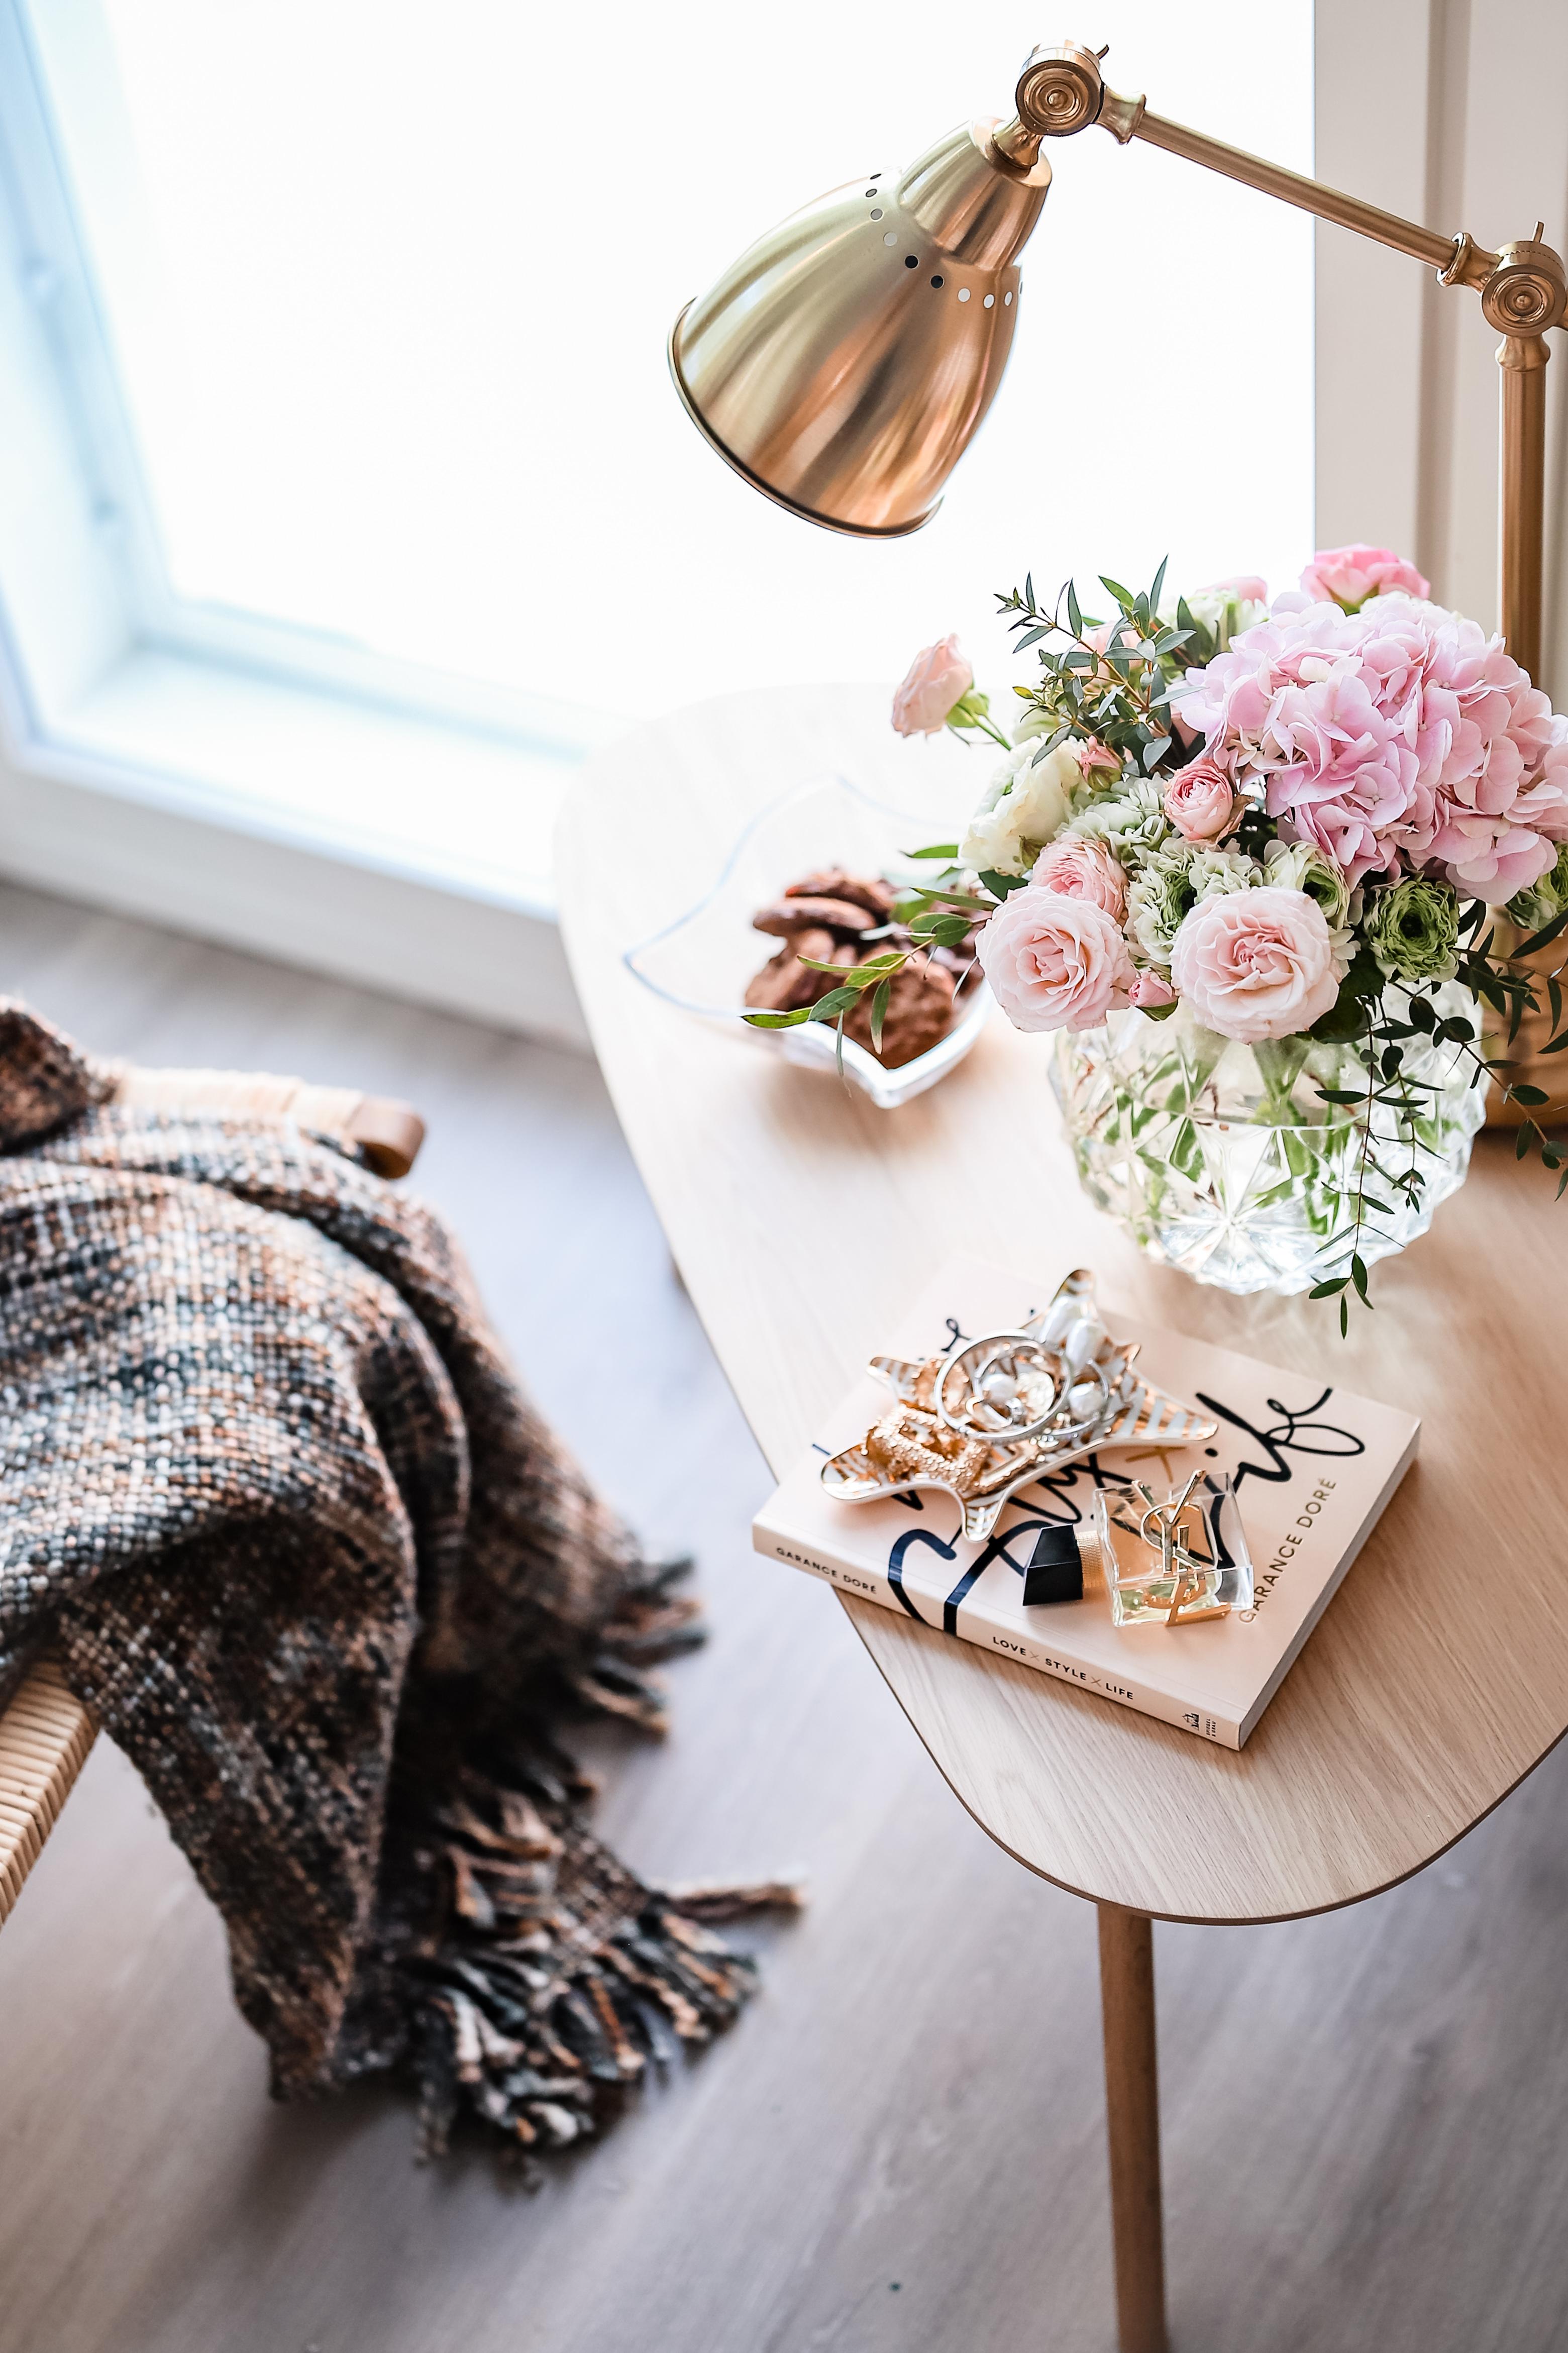 Huonekalulöytöjä ja pientä sisustuskuumetta